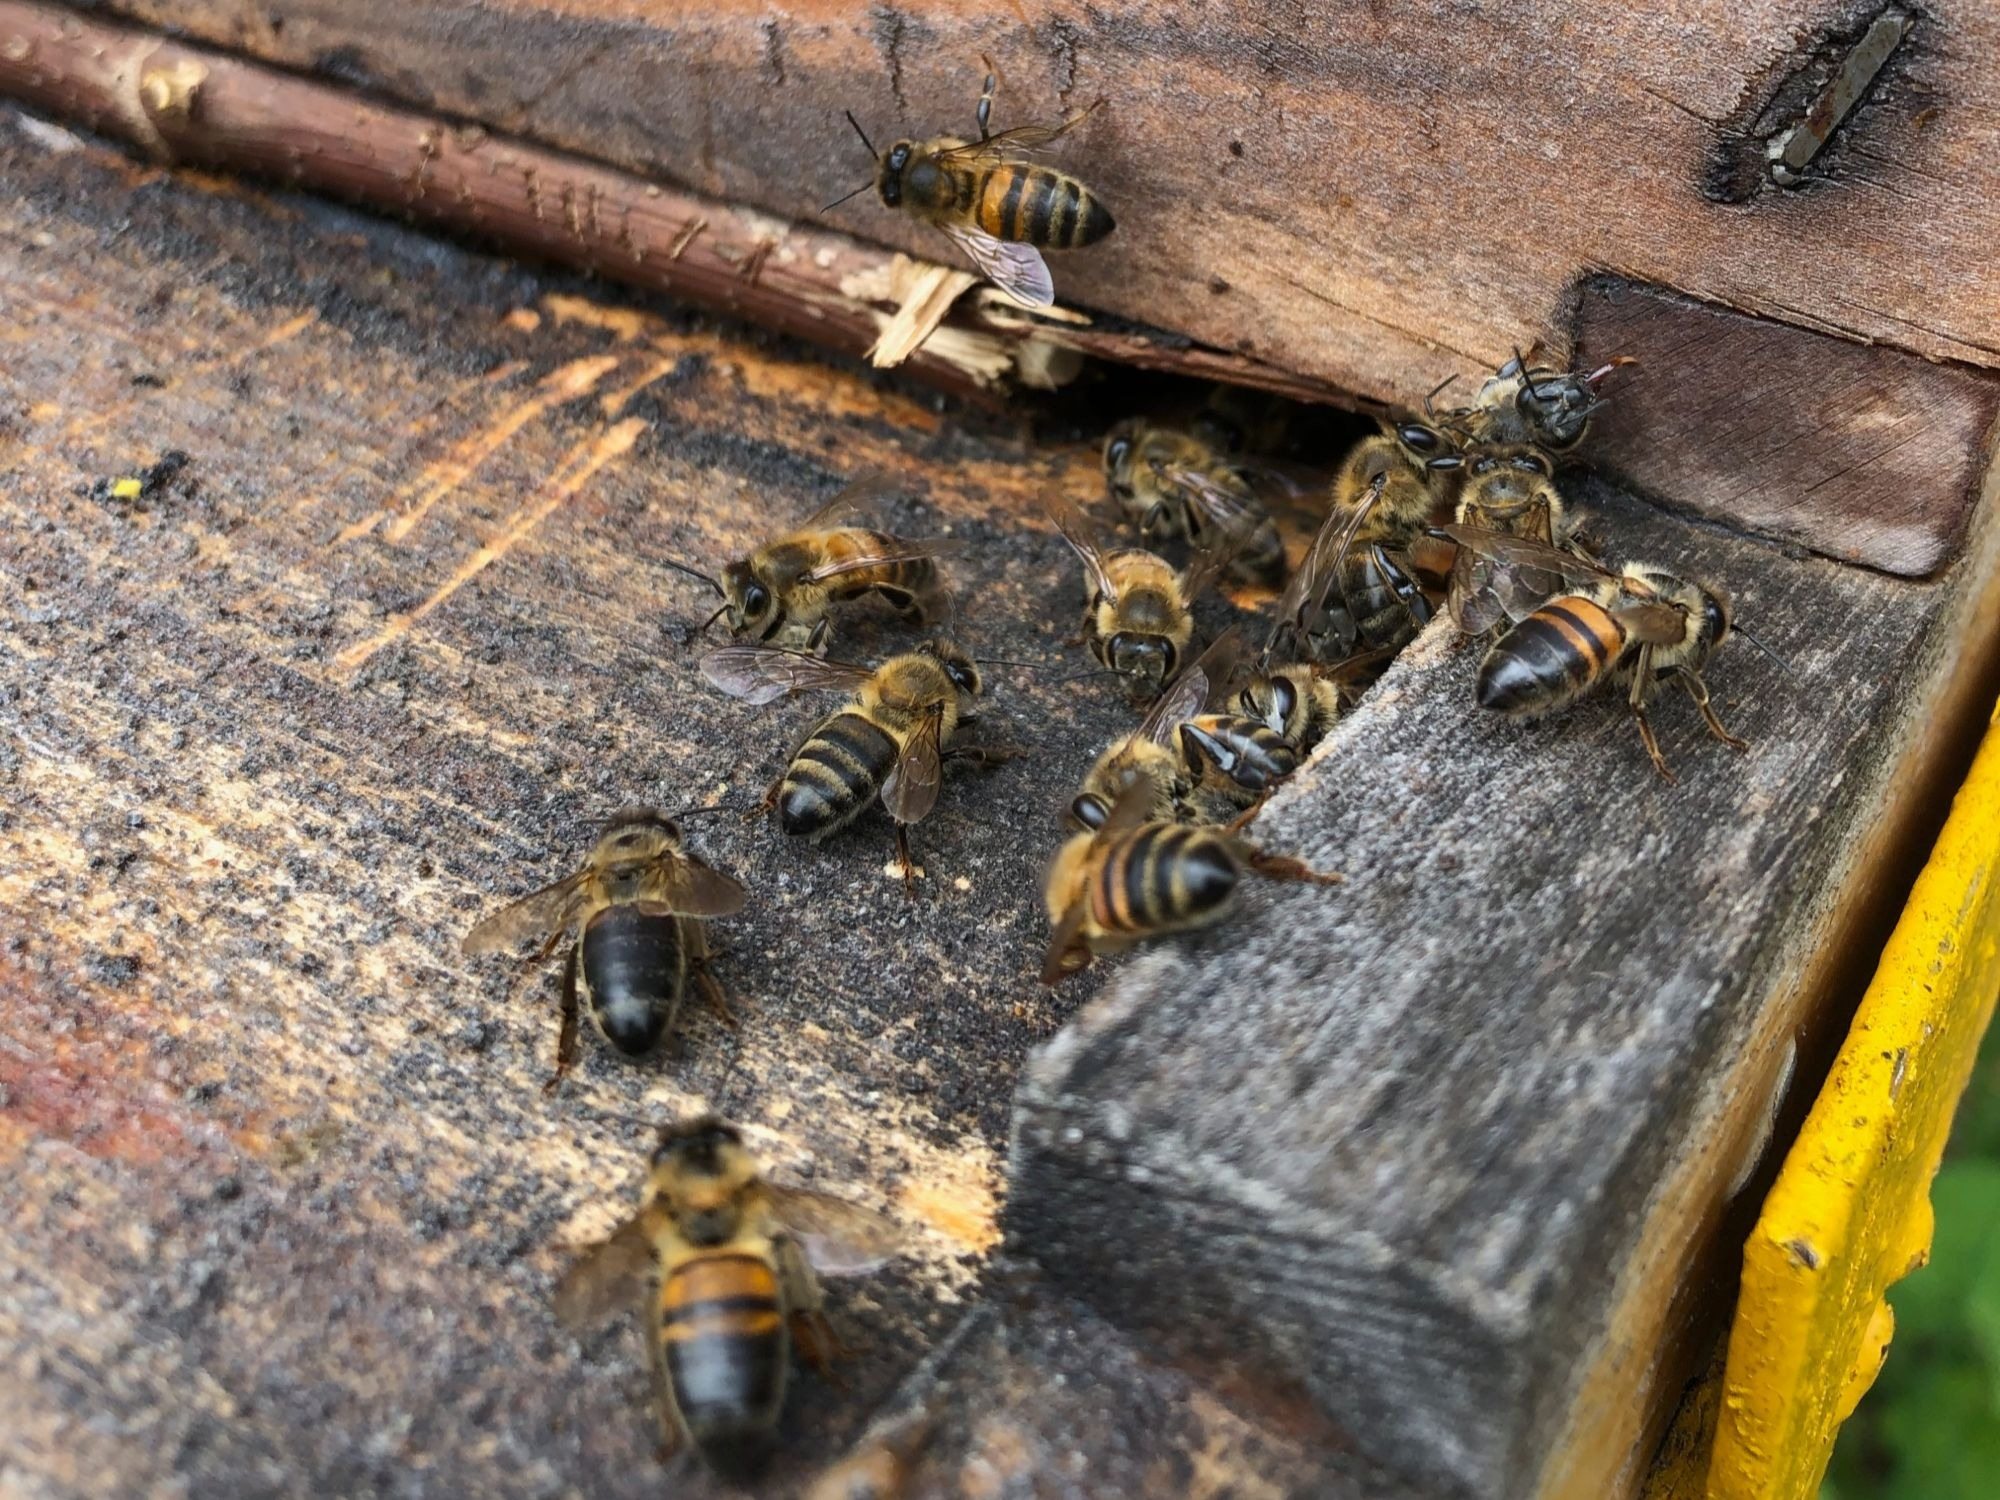 Las abejas: su potencial y limitantes, temas centrales del 1er Congreso de Apicultura Intercontinental en Manizales